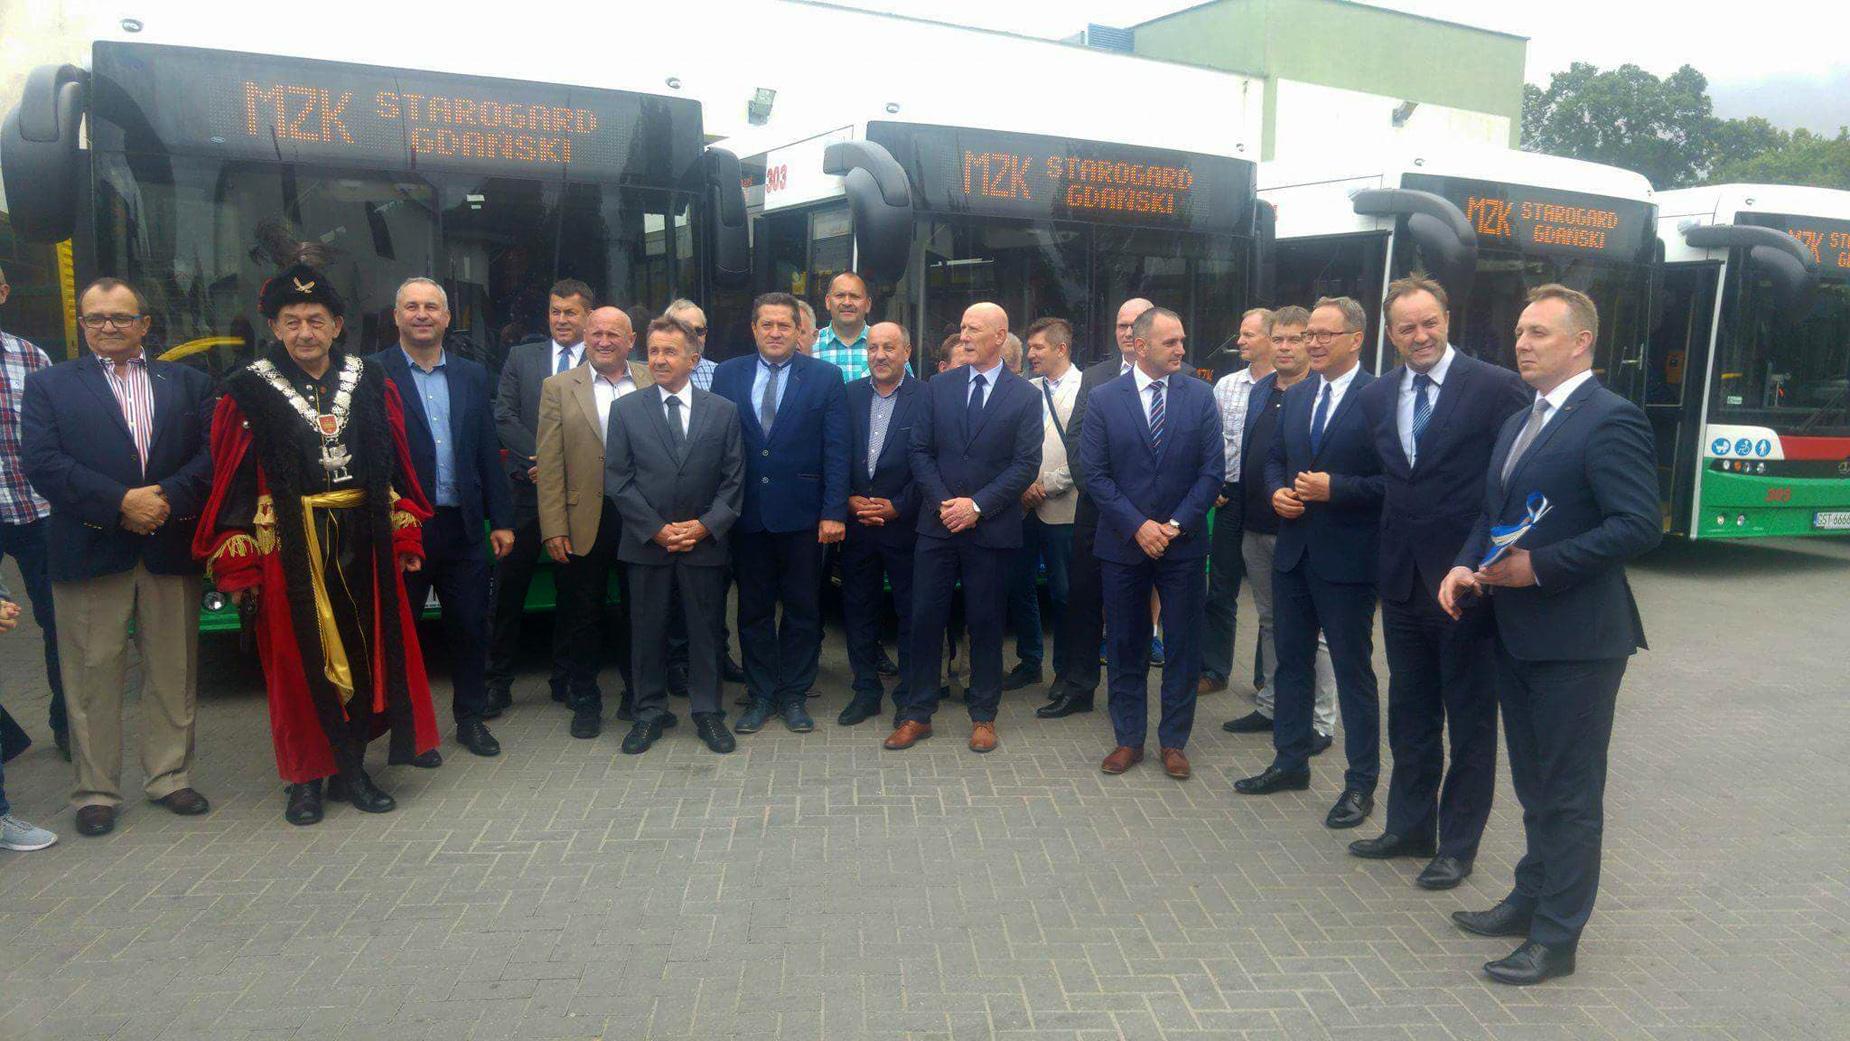 To zupełnie nowa jakość na ulicach Starogardu Gdańskiego. 11 polskich autobusów Autosan już od soboty będzie wozić pasażerów